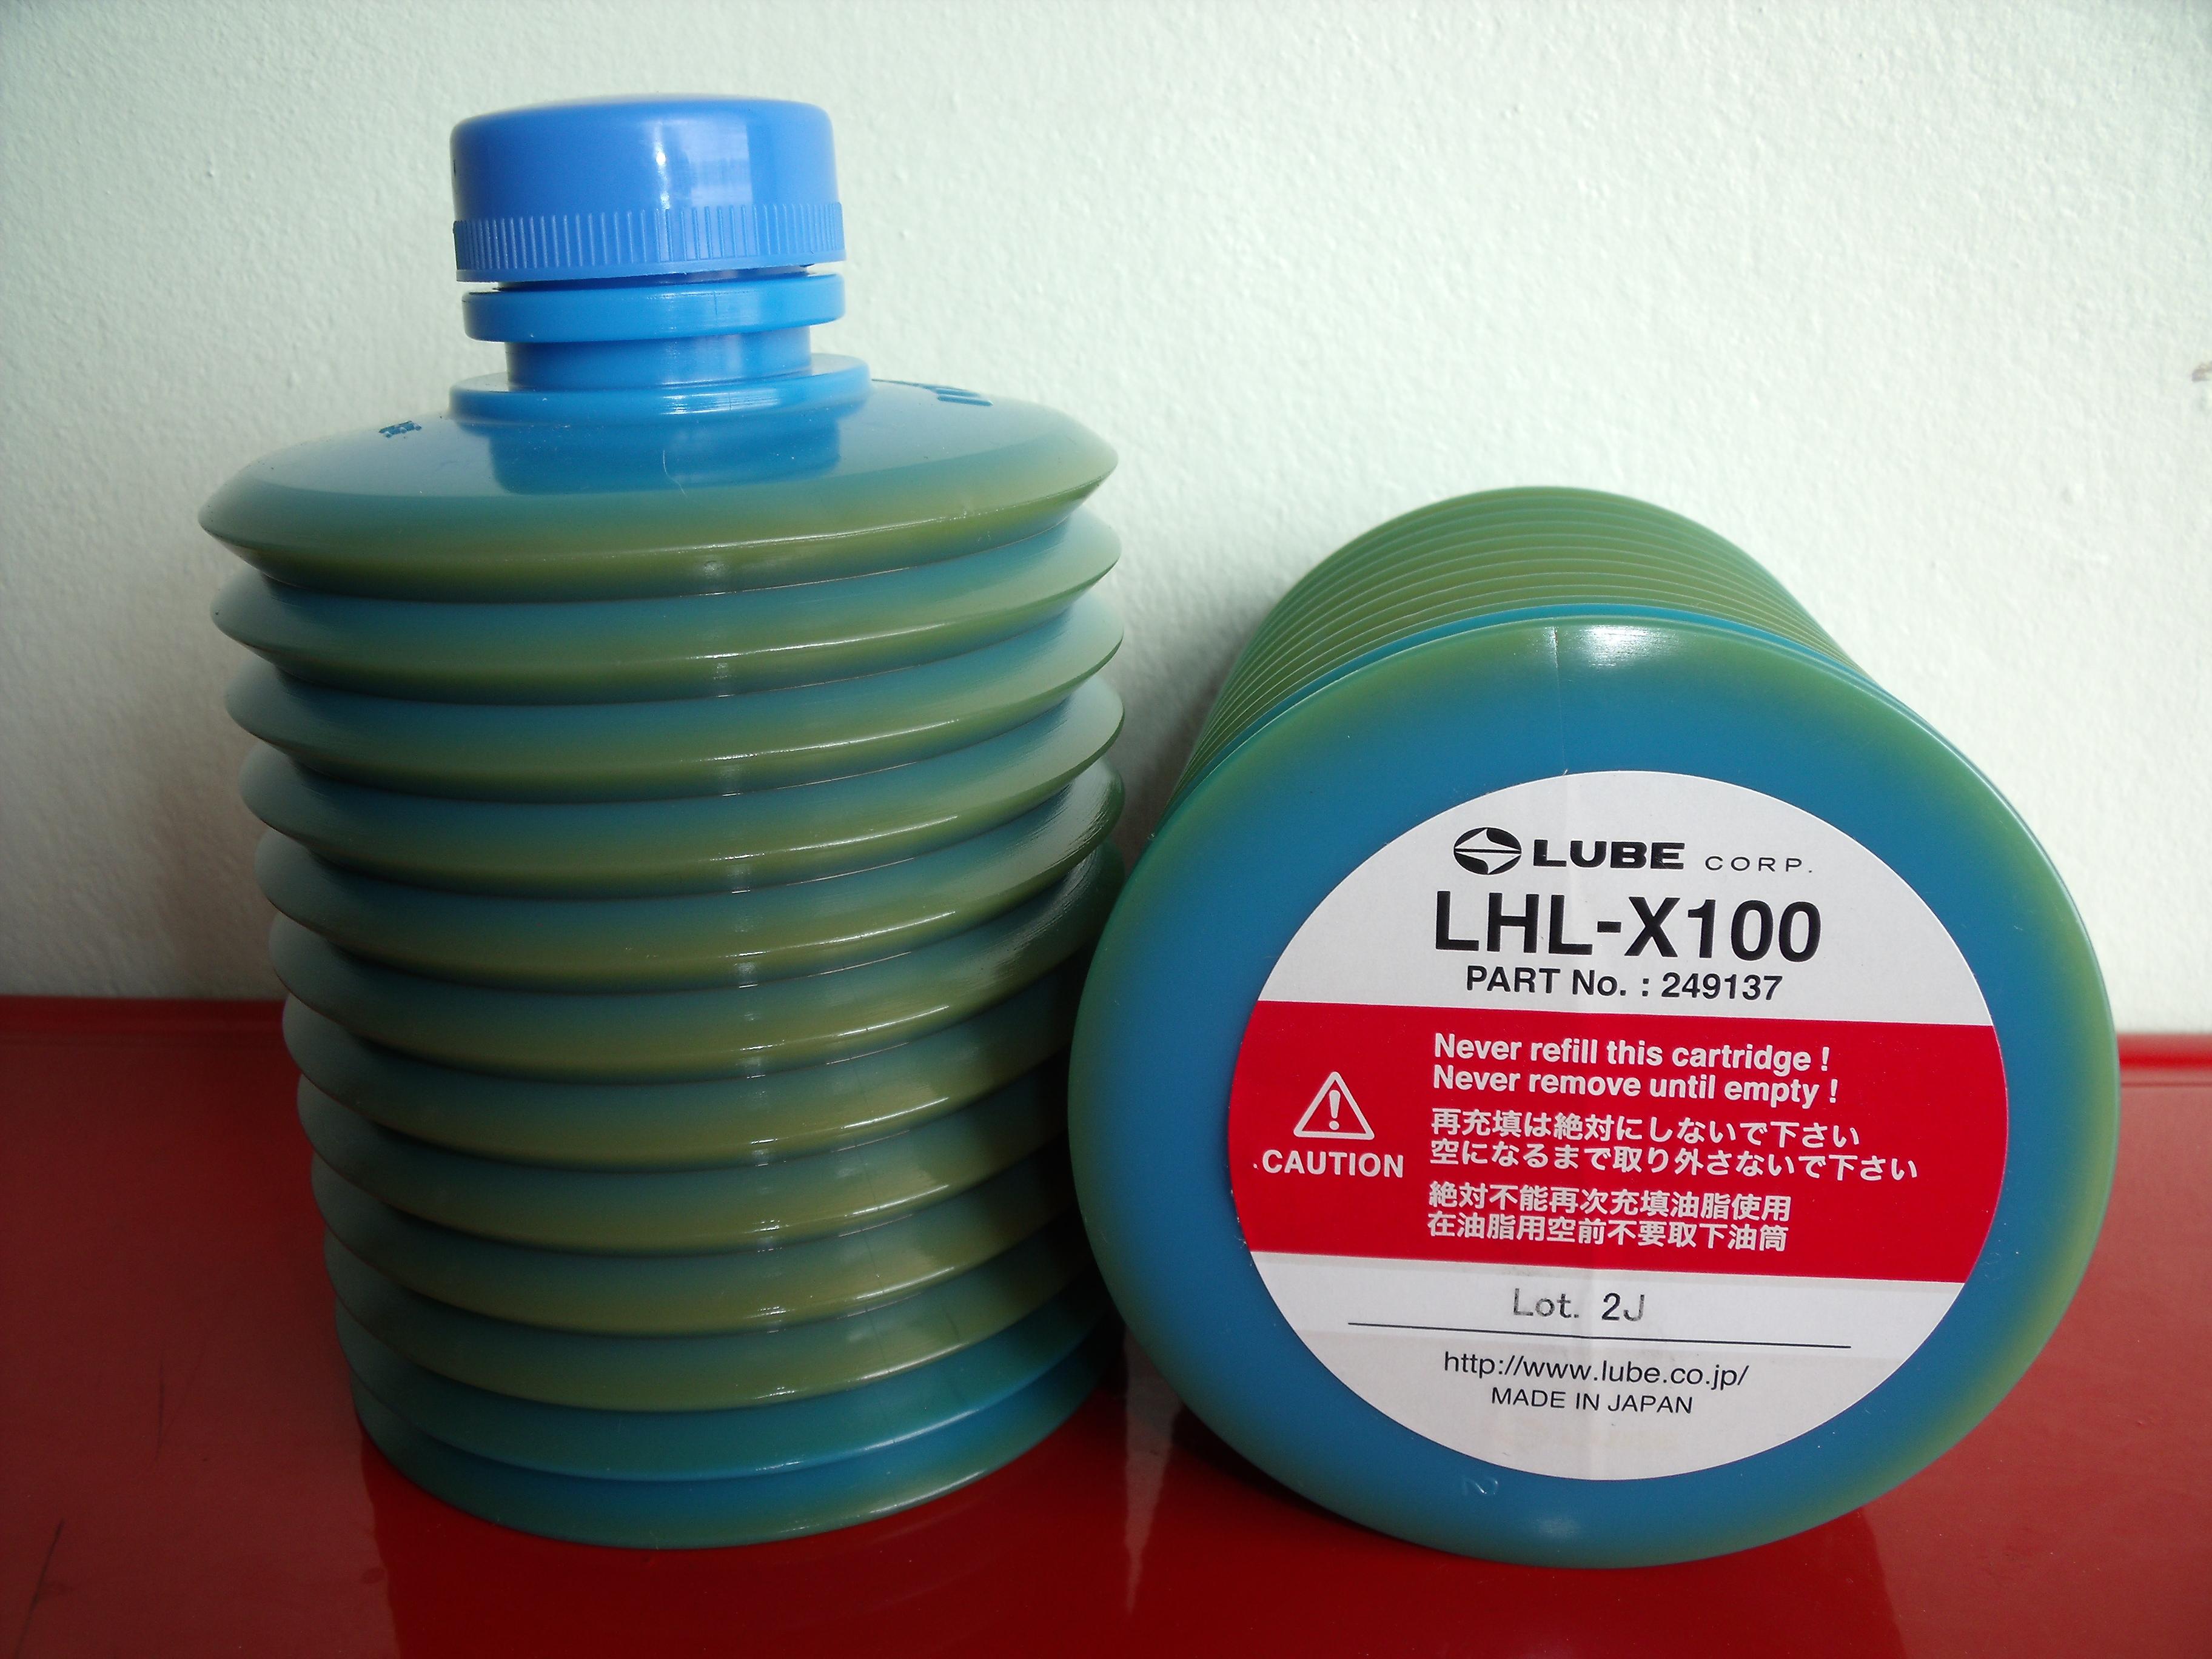 จารบีหลอด LHL-X100